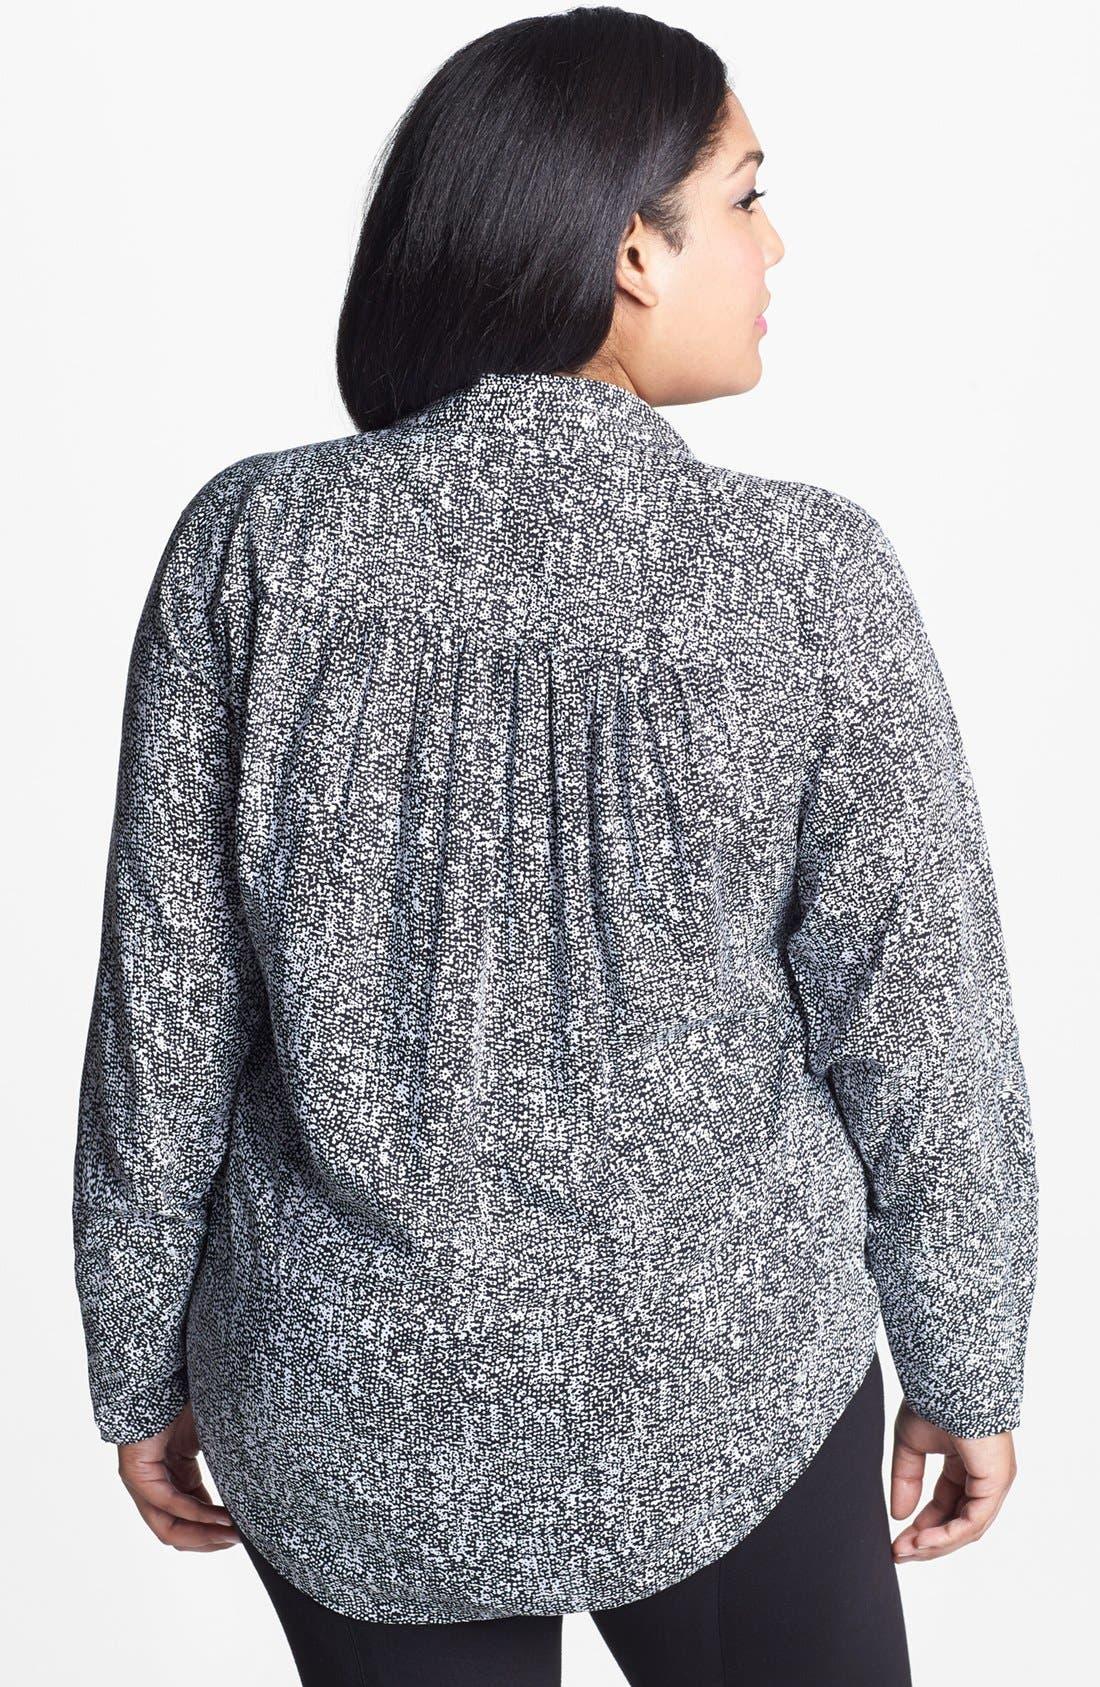 Alternate Image 2  - Foxcroft 'Raining Dots' Shaped Tunic (Plus Size)